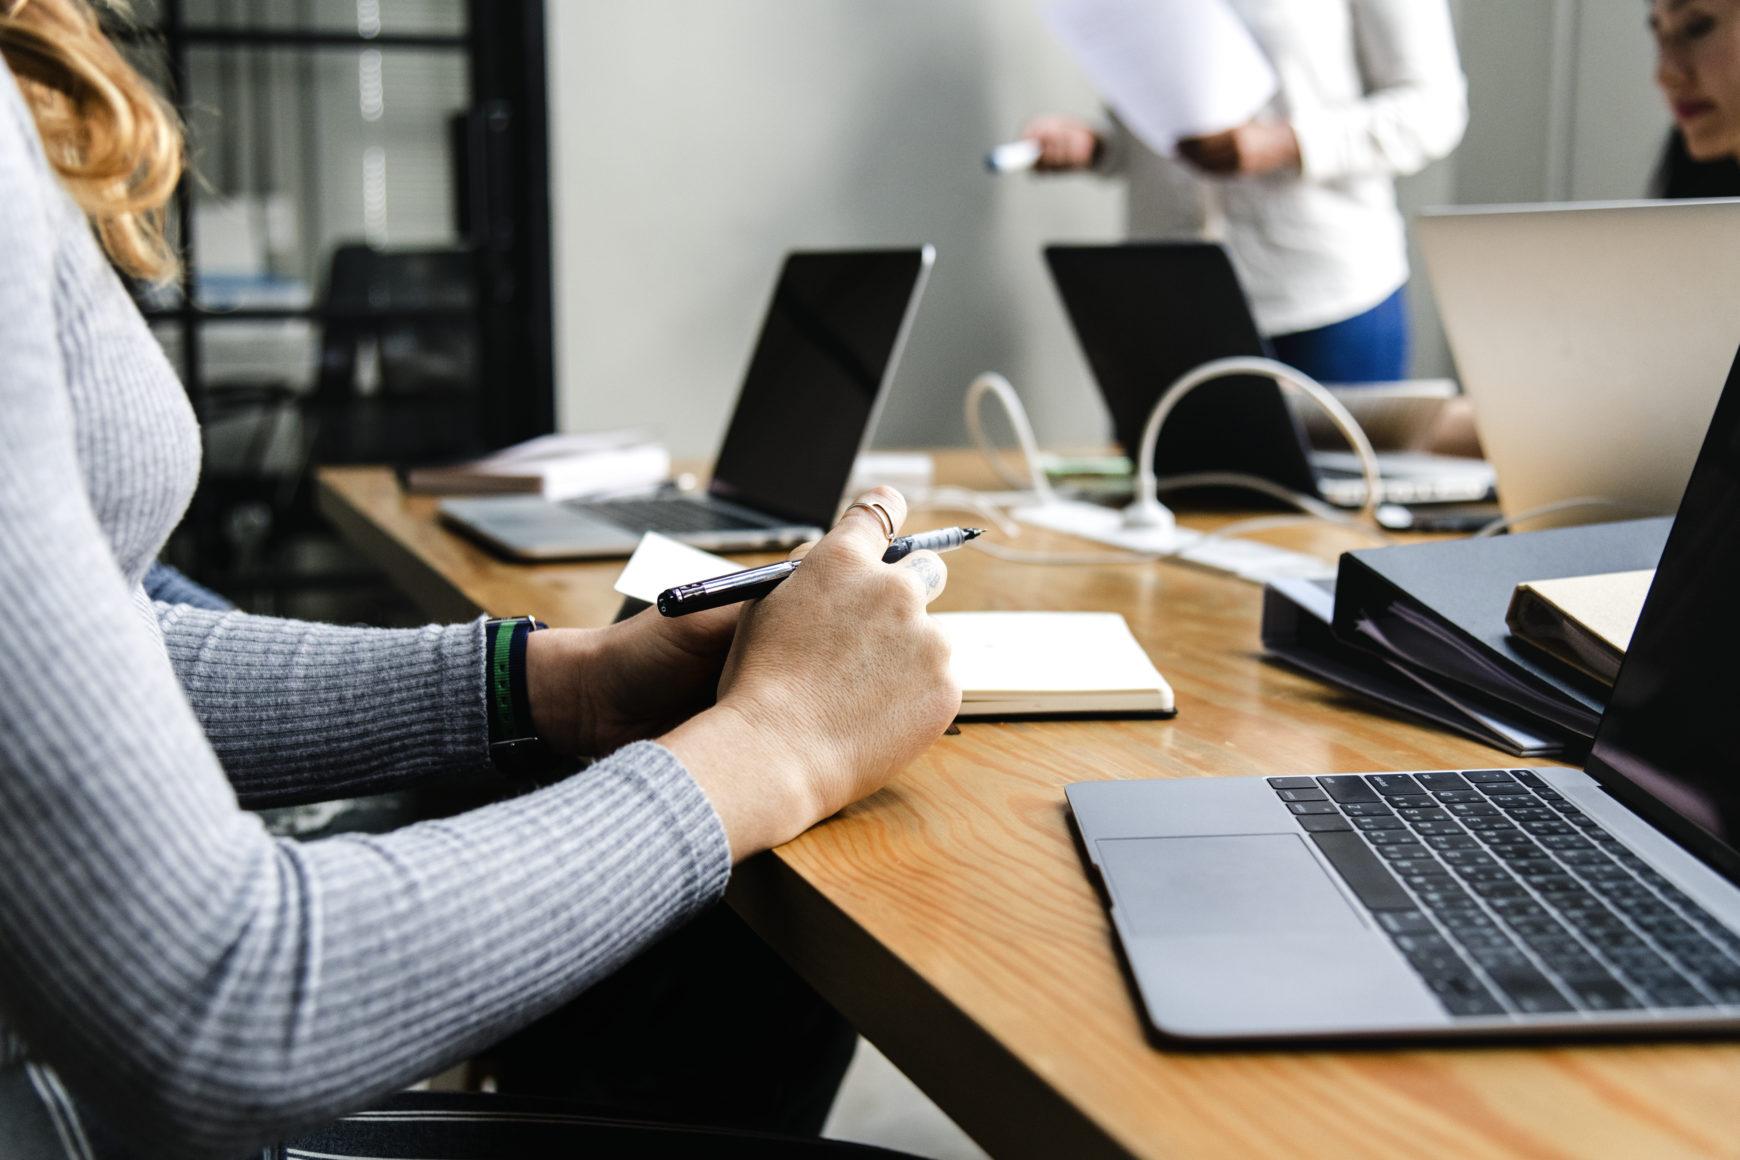 L'inefficienza per le aziende risiede nei rapporti di lavoro